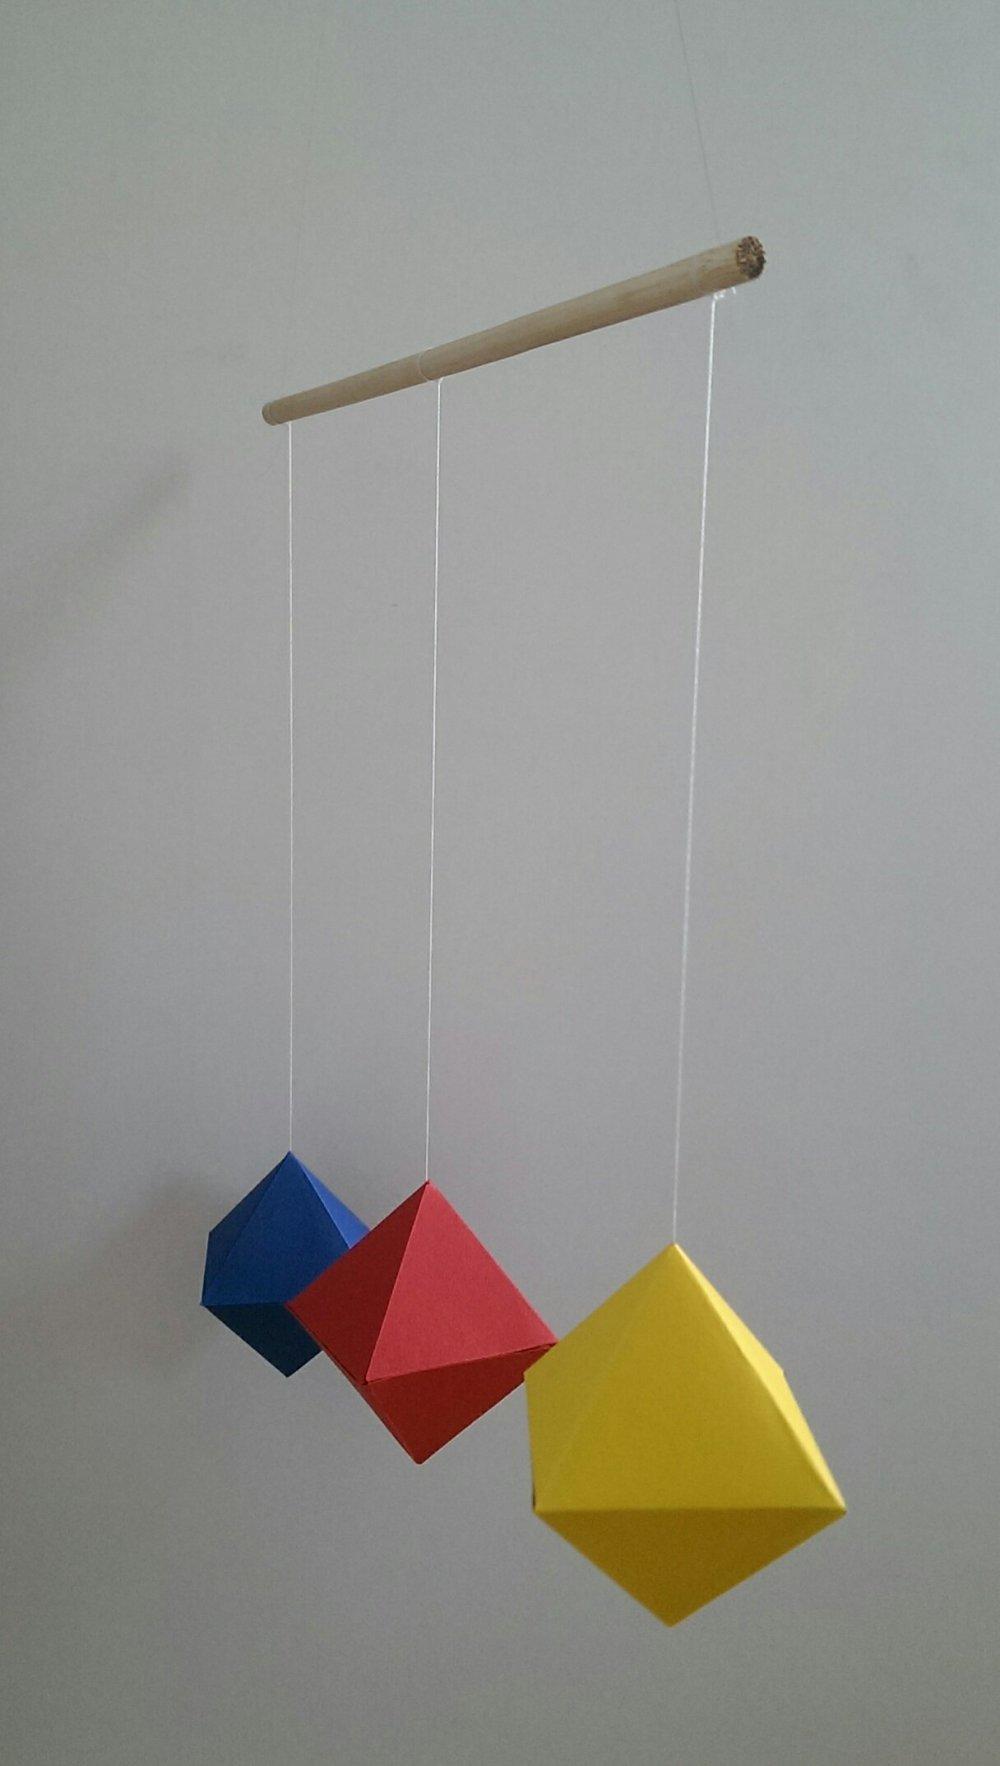 Mobile des OCTAEDRES Montessori